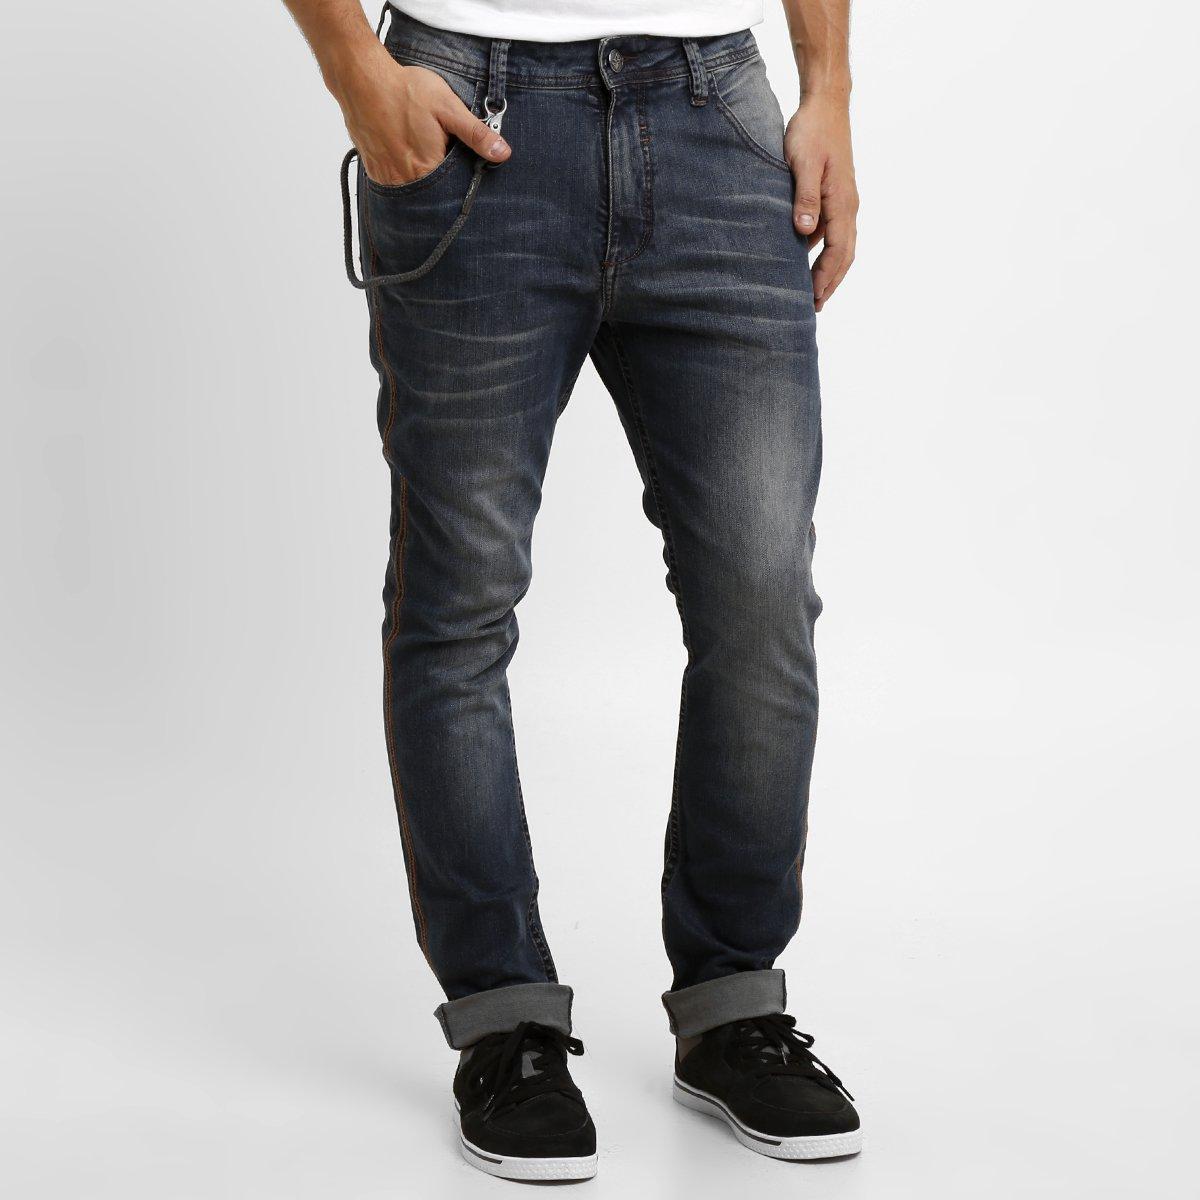 Calça Jeans MCD Slim Core Ink - Compre Agora  999bac6f0fe